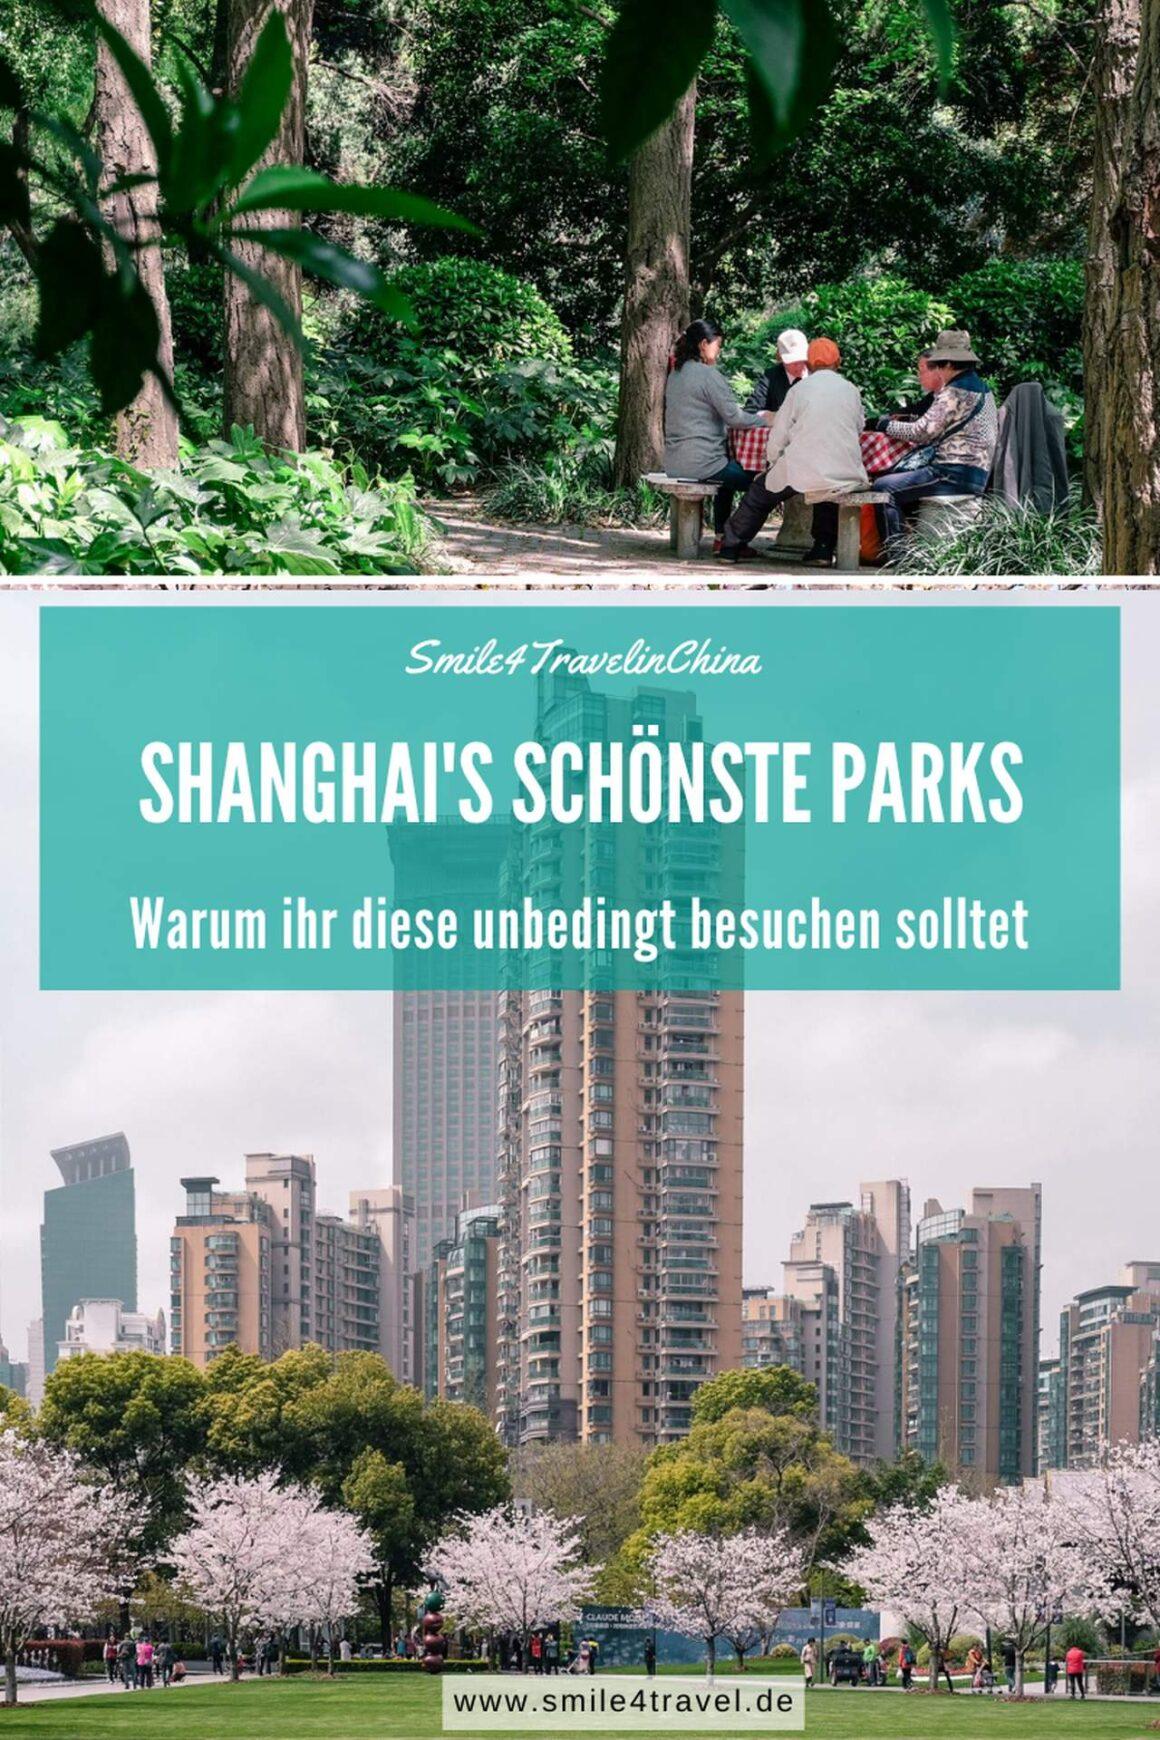 Shanghai's schönste Parks